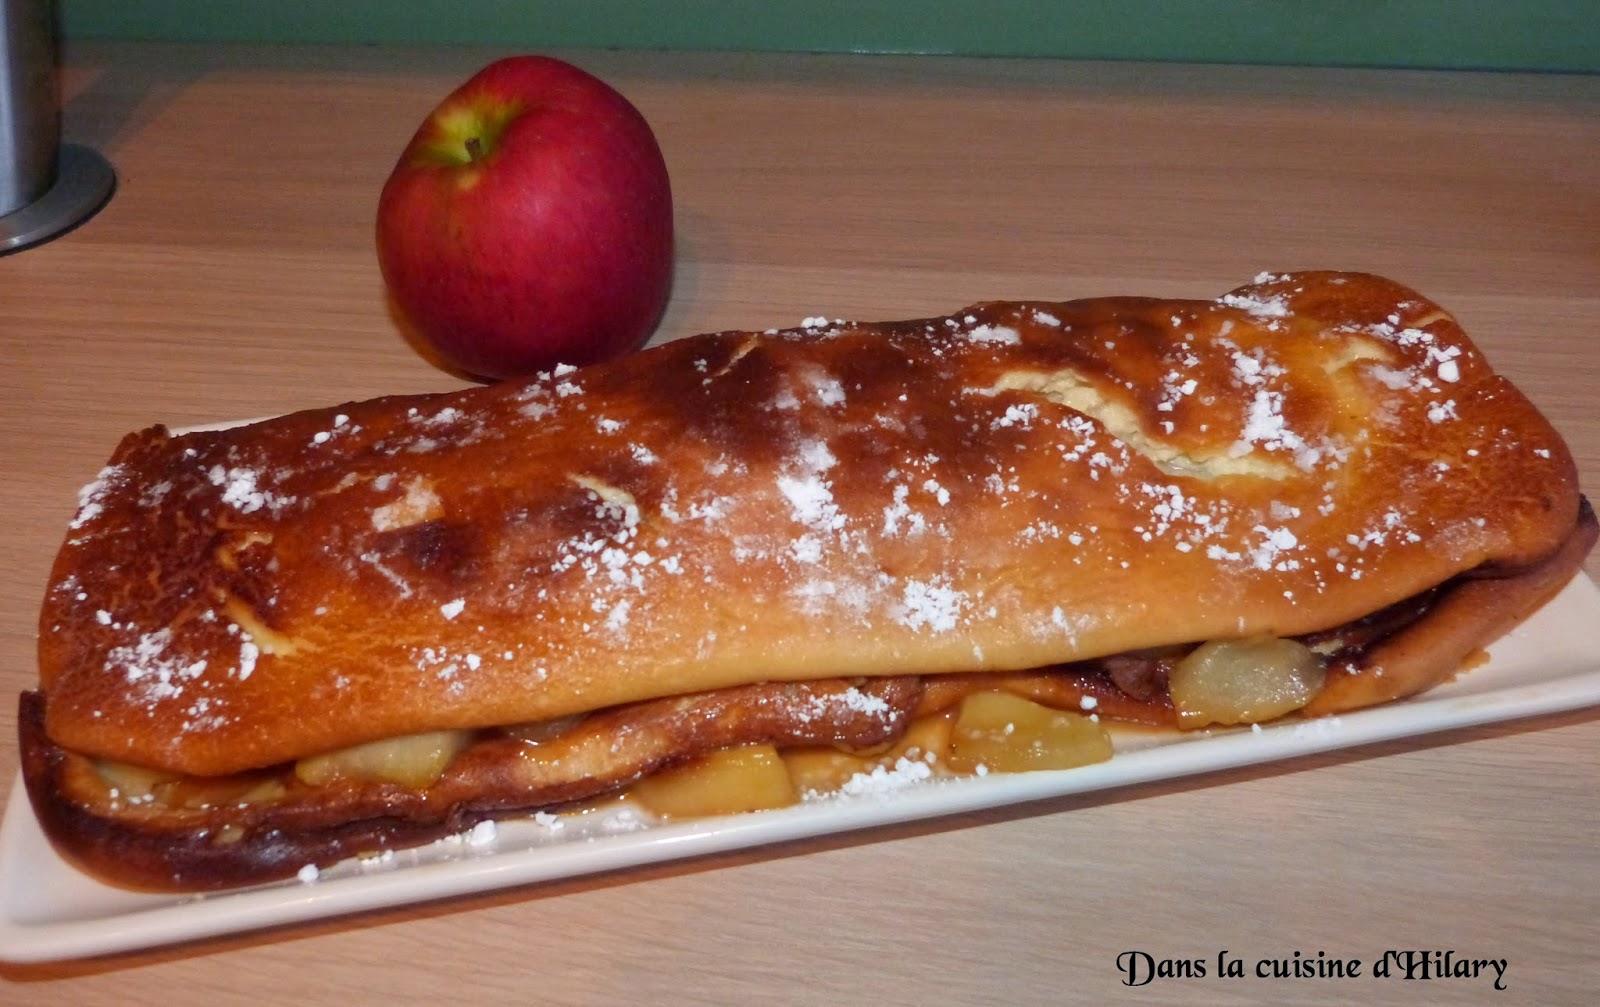 Crêpe farcie aux pommes et caramel beurre salé